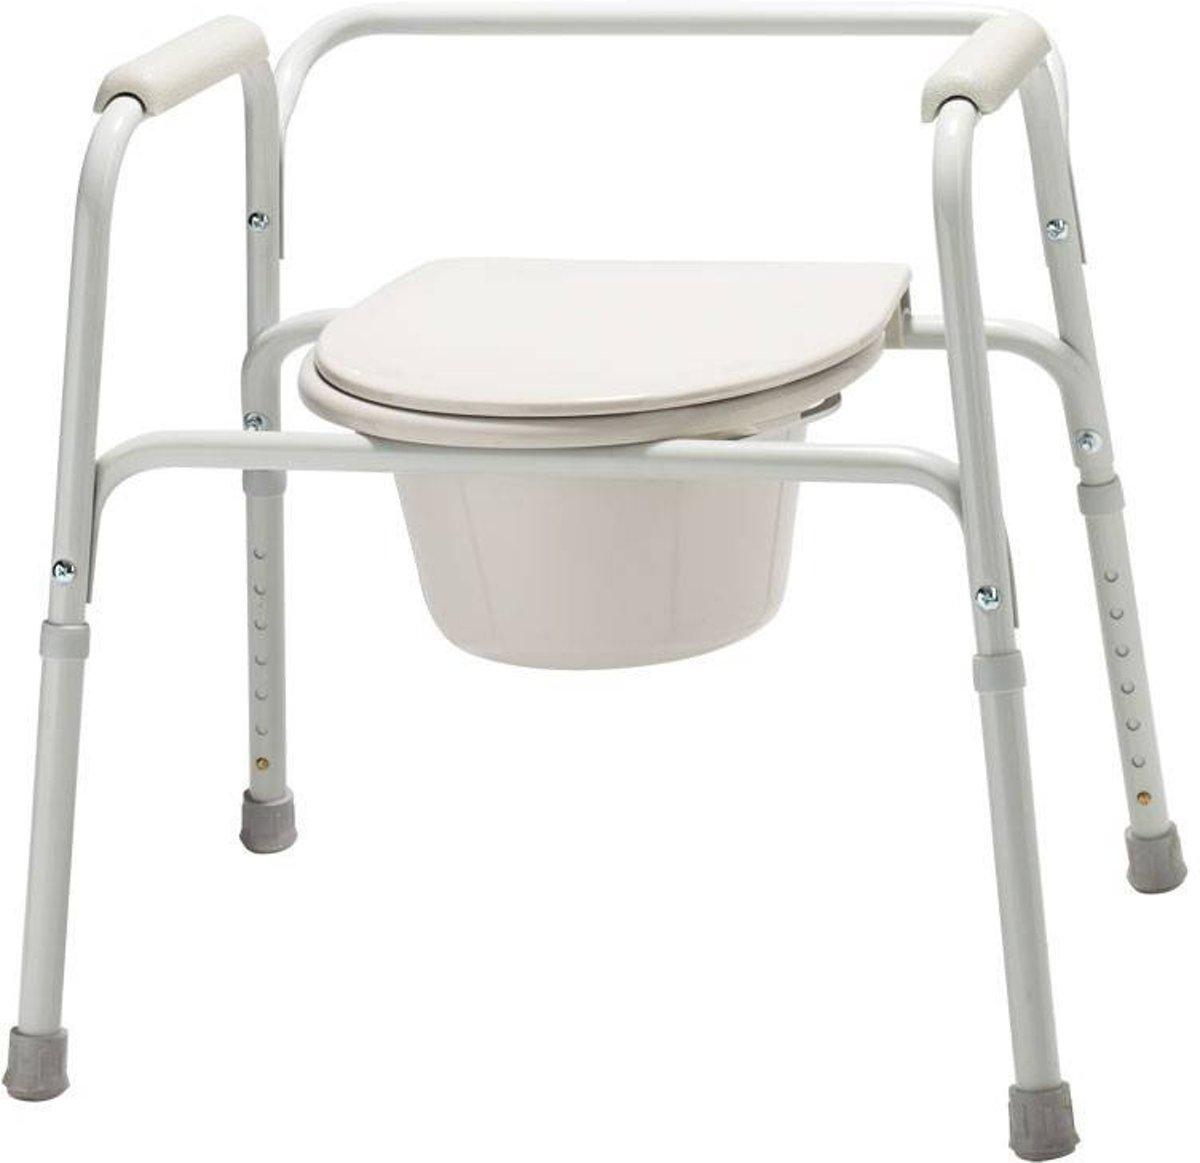 Toilet overzetstoel en commode